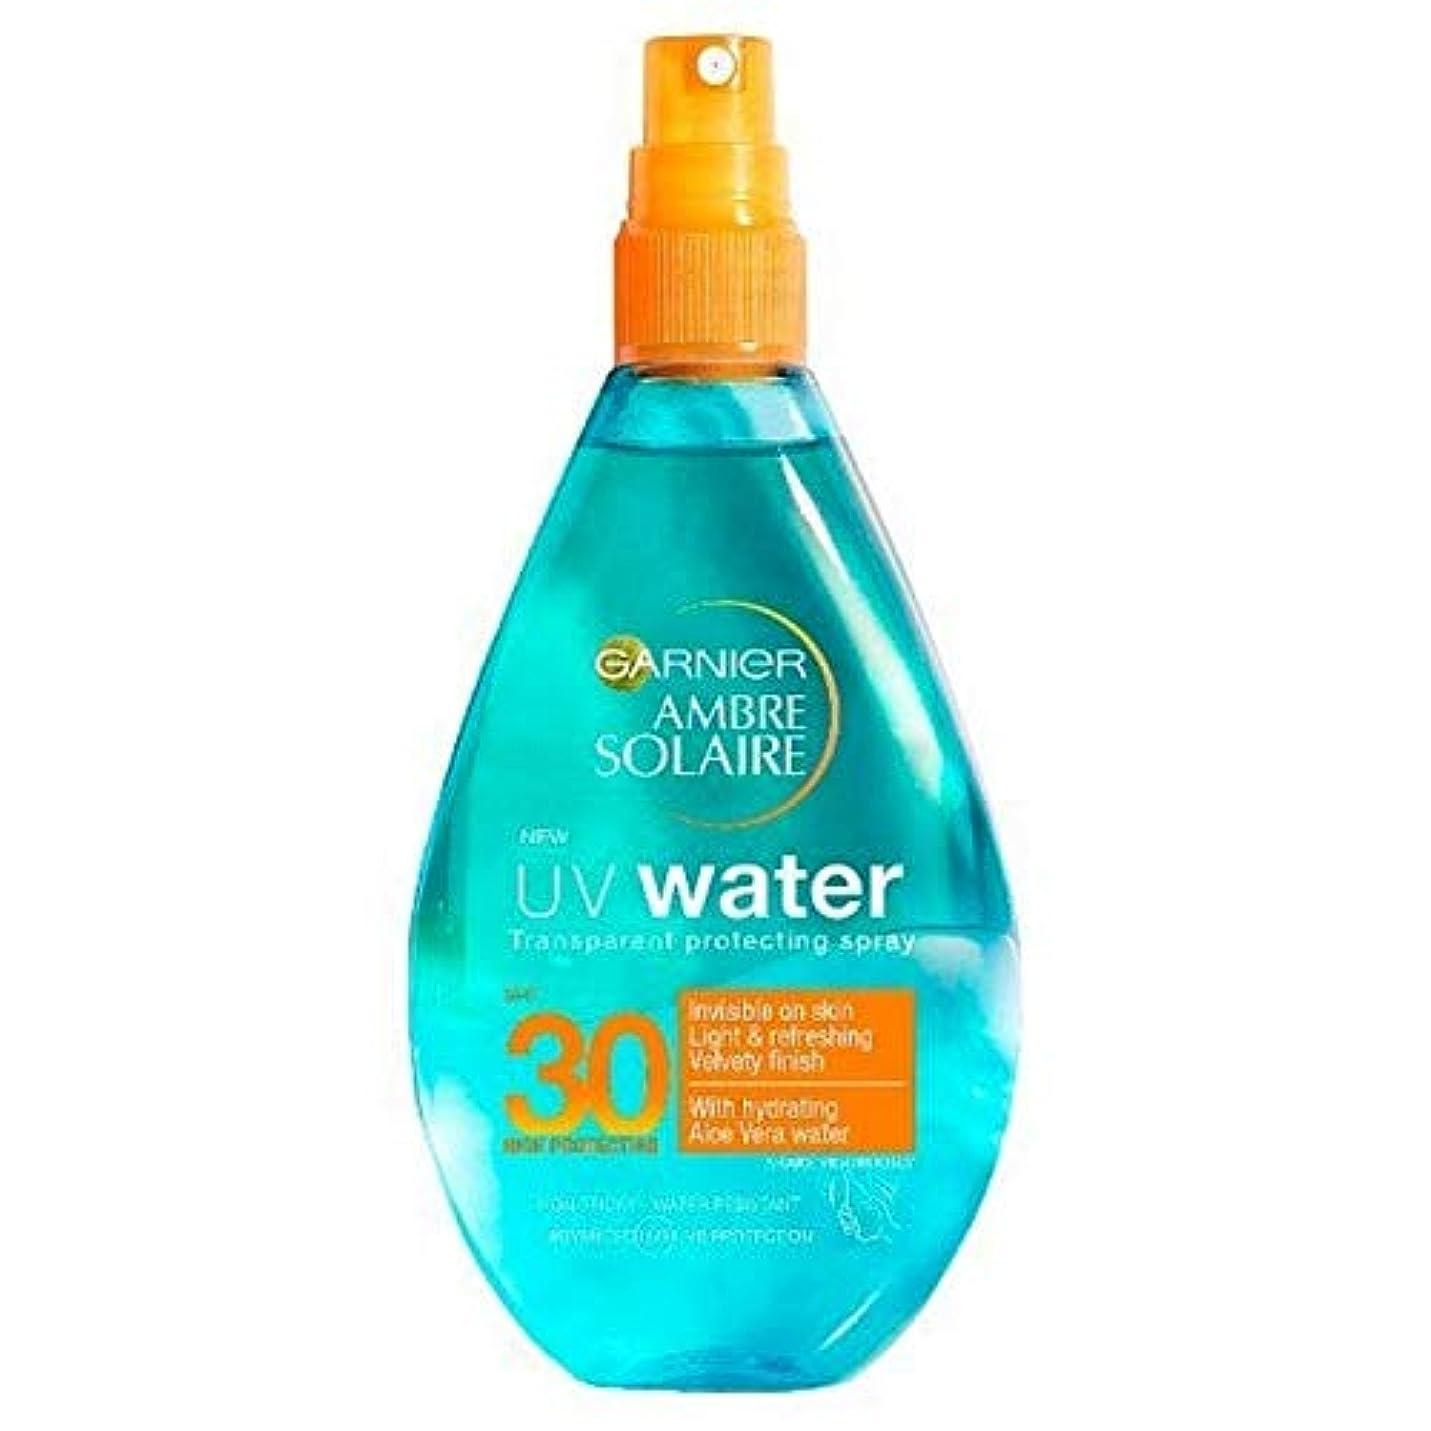 その後また明日ね同意する[Garnier ] アンブレSolaire紫外線水明確な日クリームスプレーSpf30 150ミリリットル - Ambre Solaire UV Water Clear Sun Cream Spray SPF30 150ml...